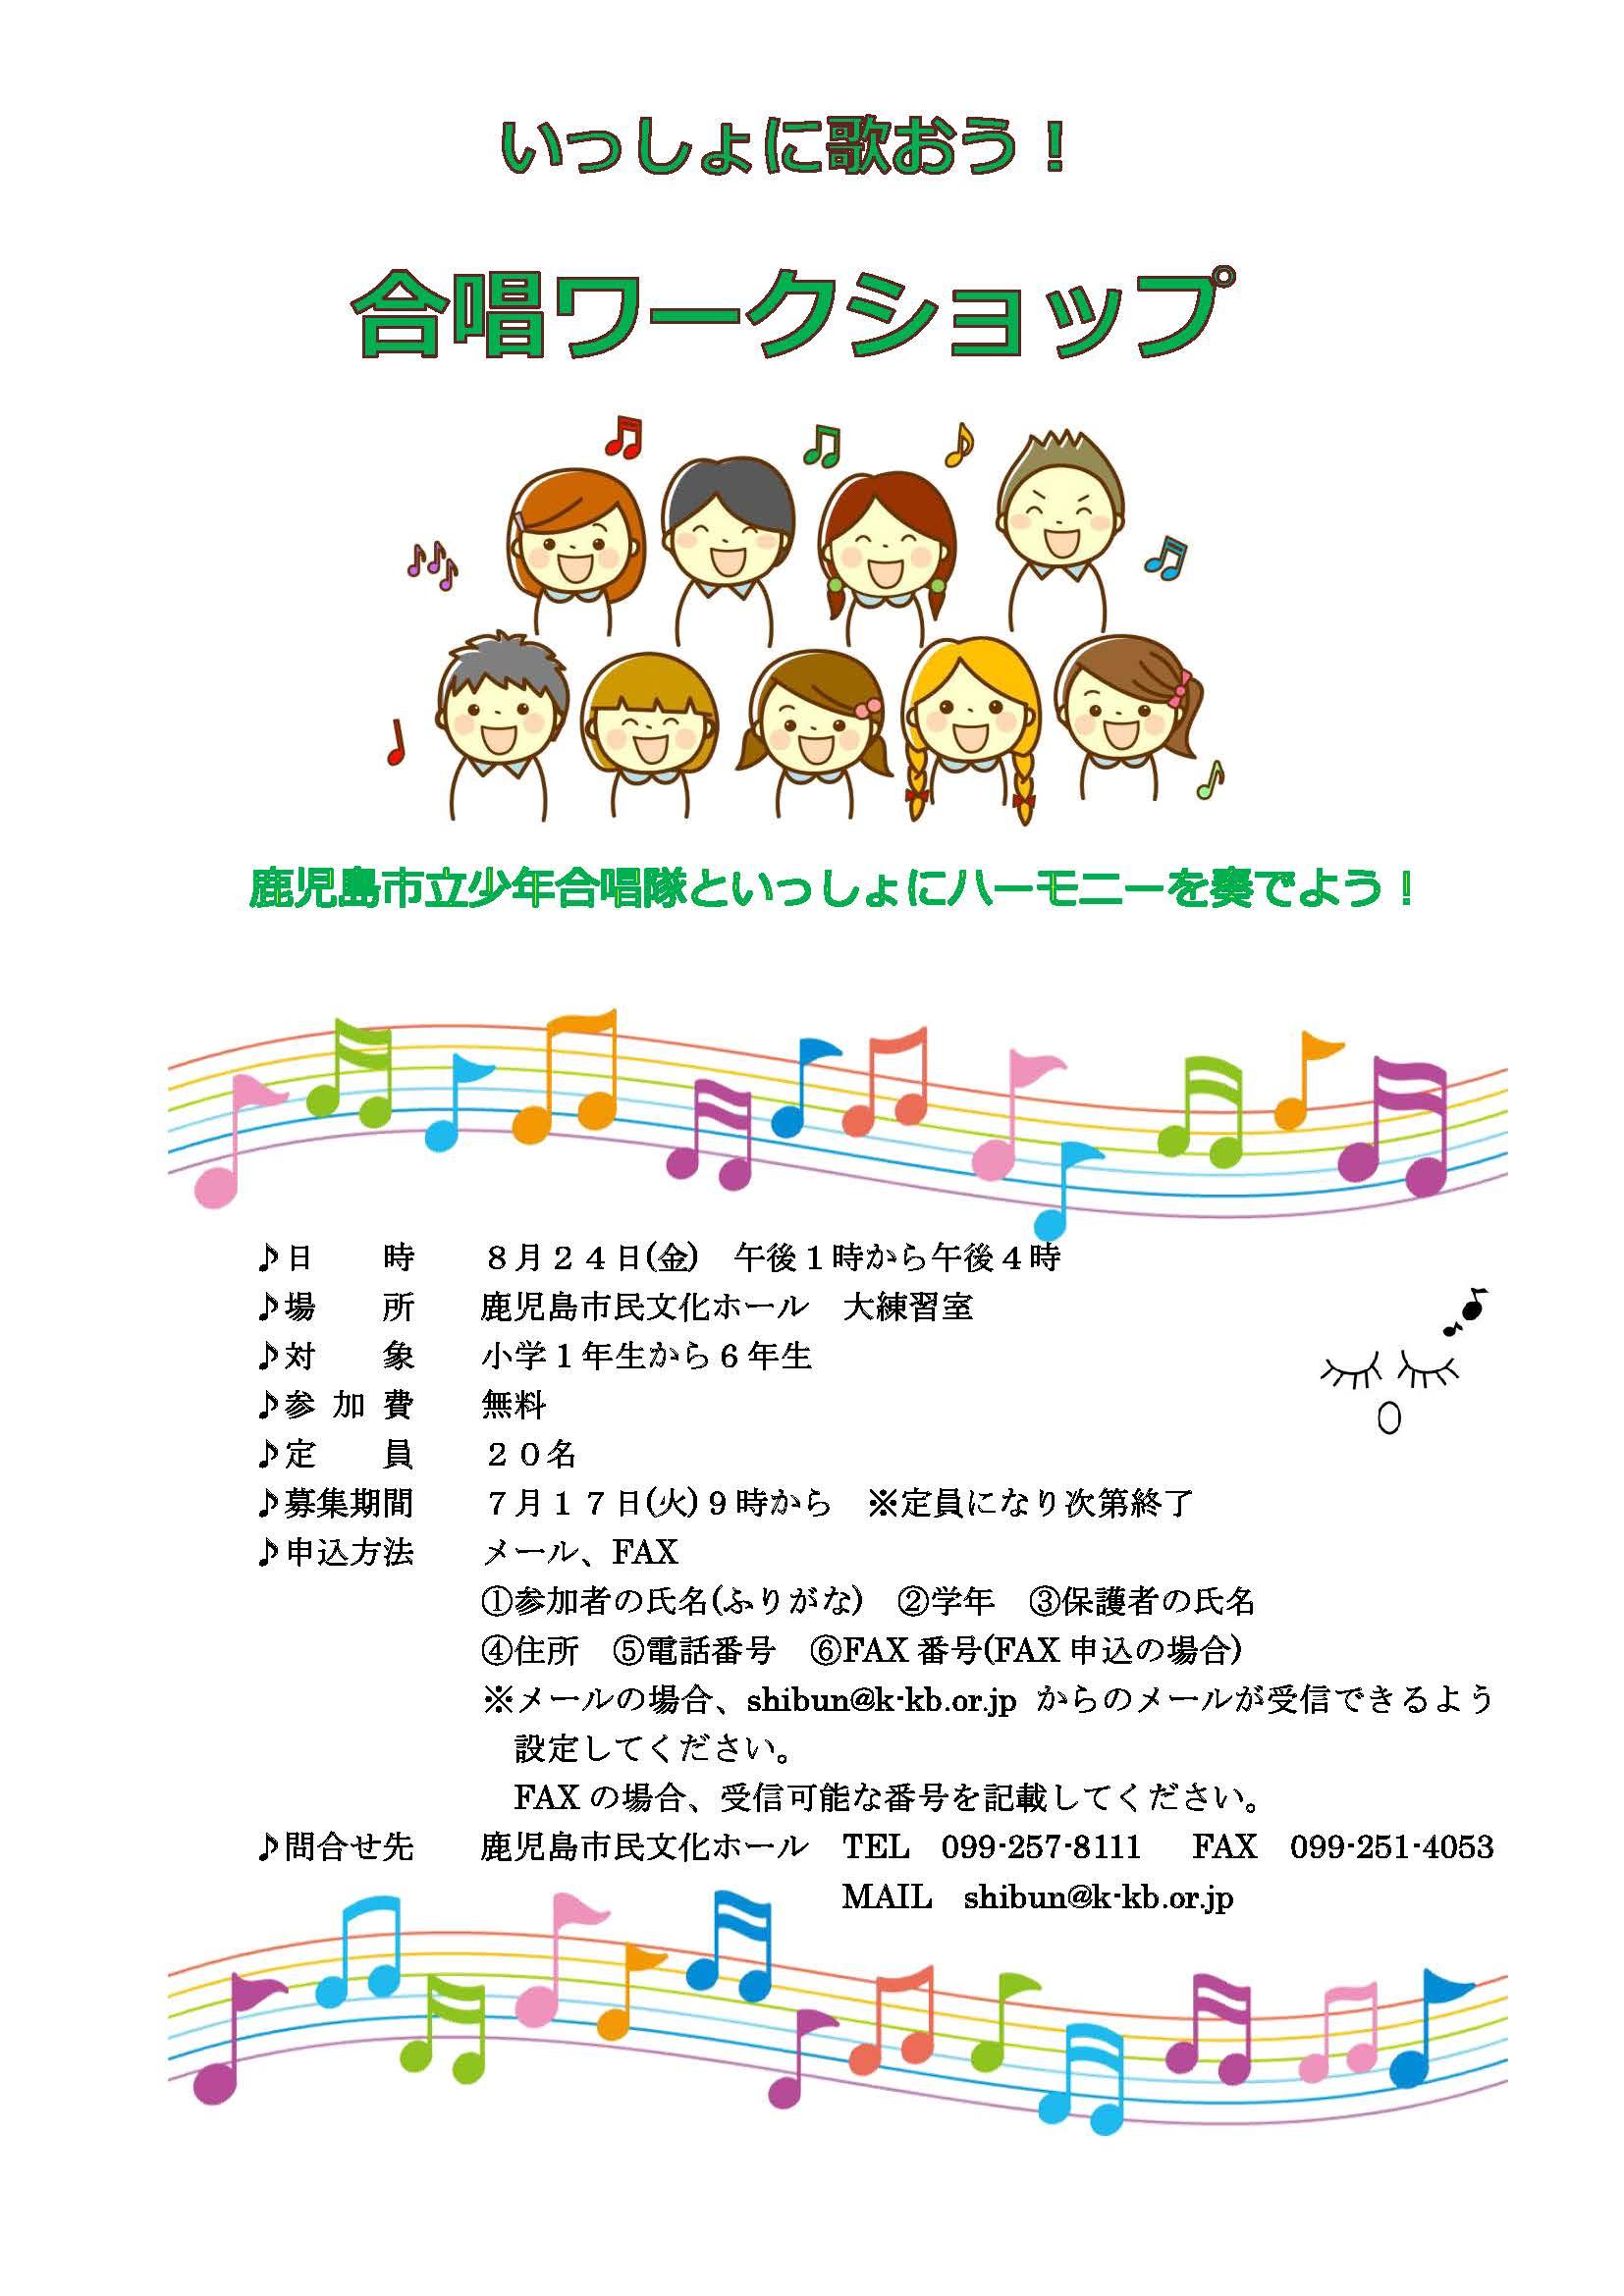 いっしょに歌おう!合唱ワークショップ 2018.08.24